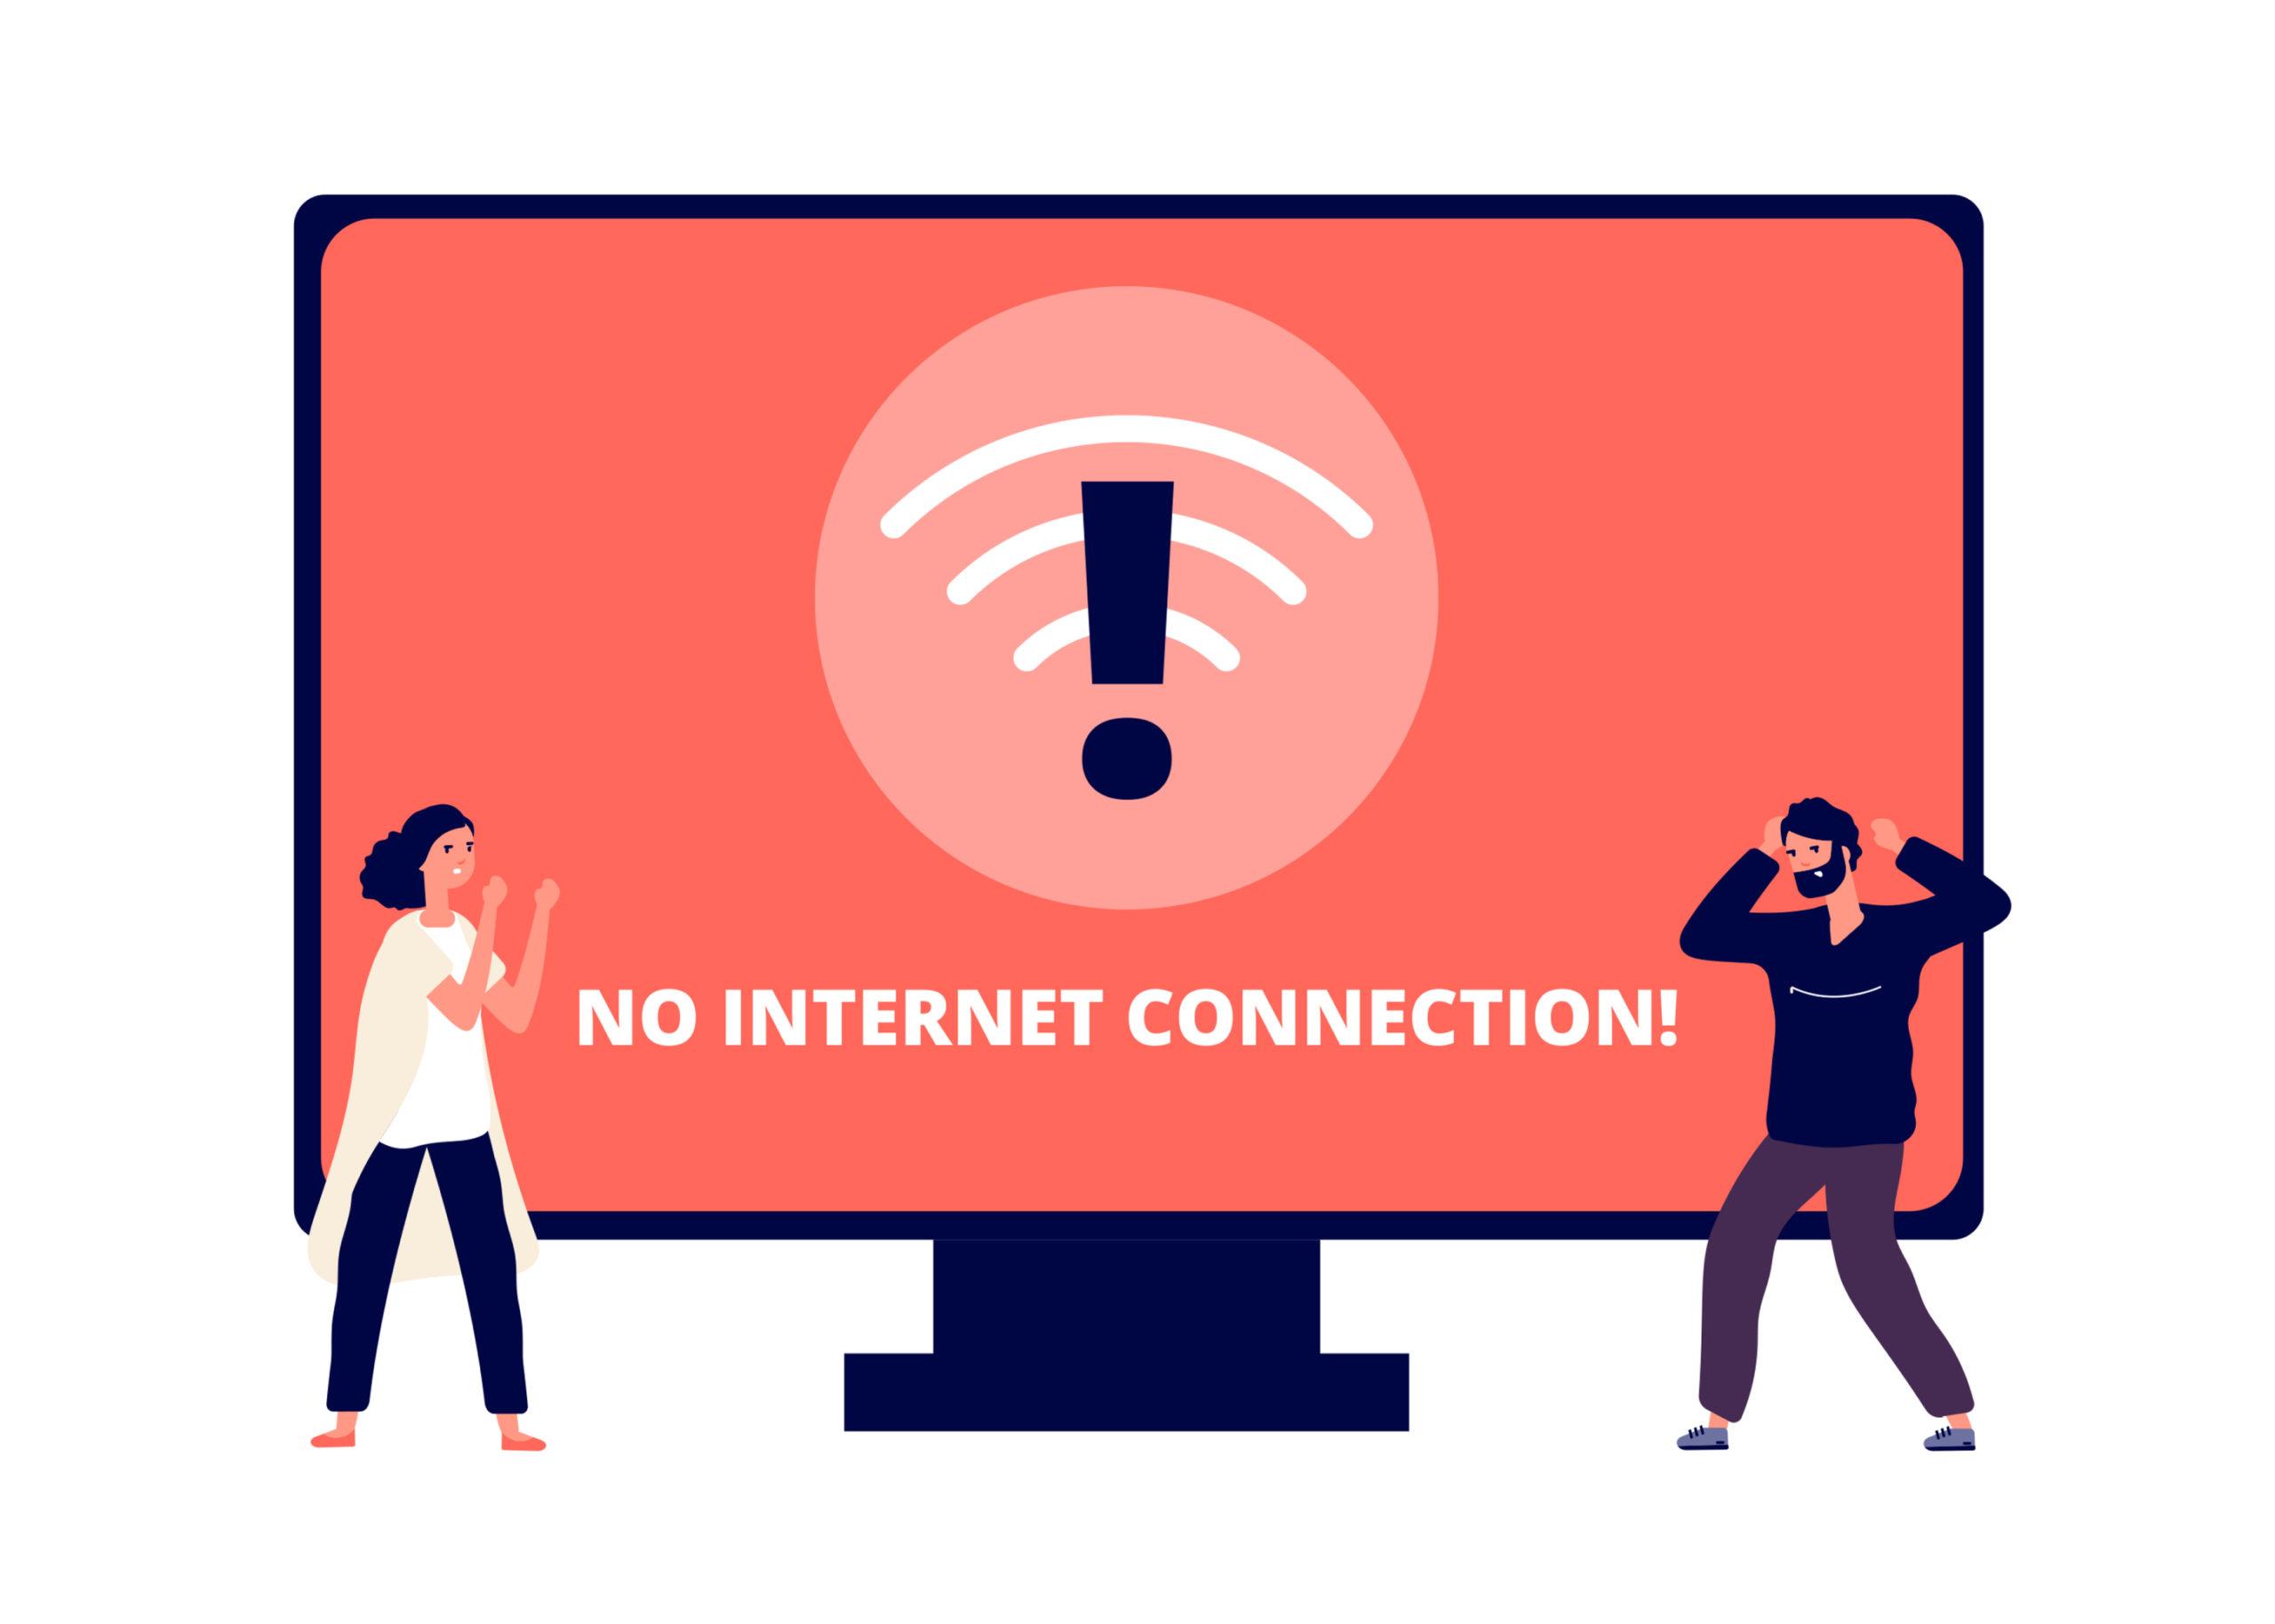 ¡Cuidado! Estos objetos pueden alterar la conexión de Wi-Fi en tu casa u oficina